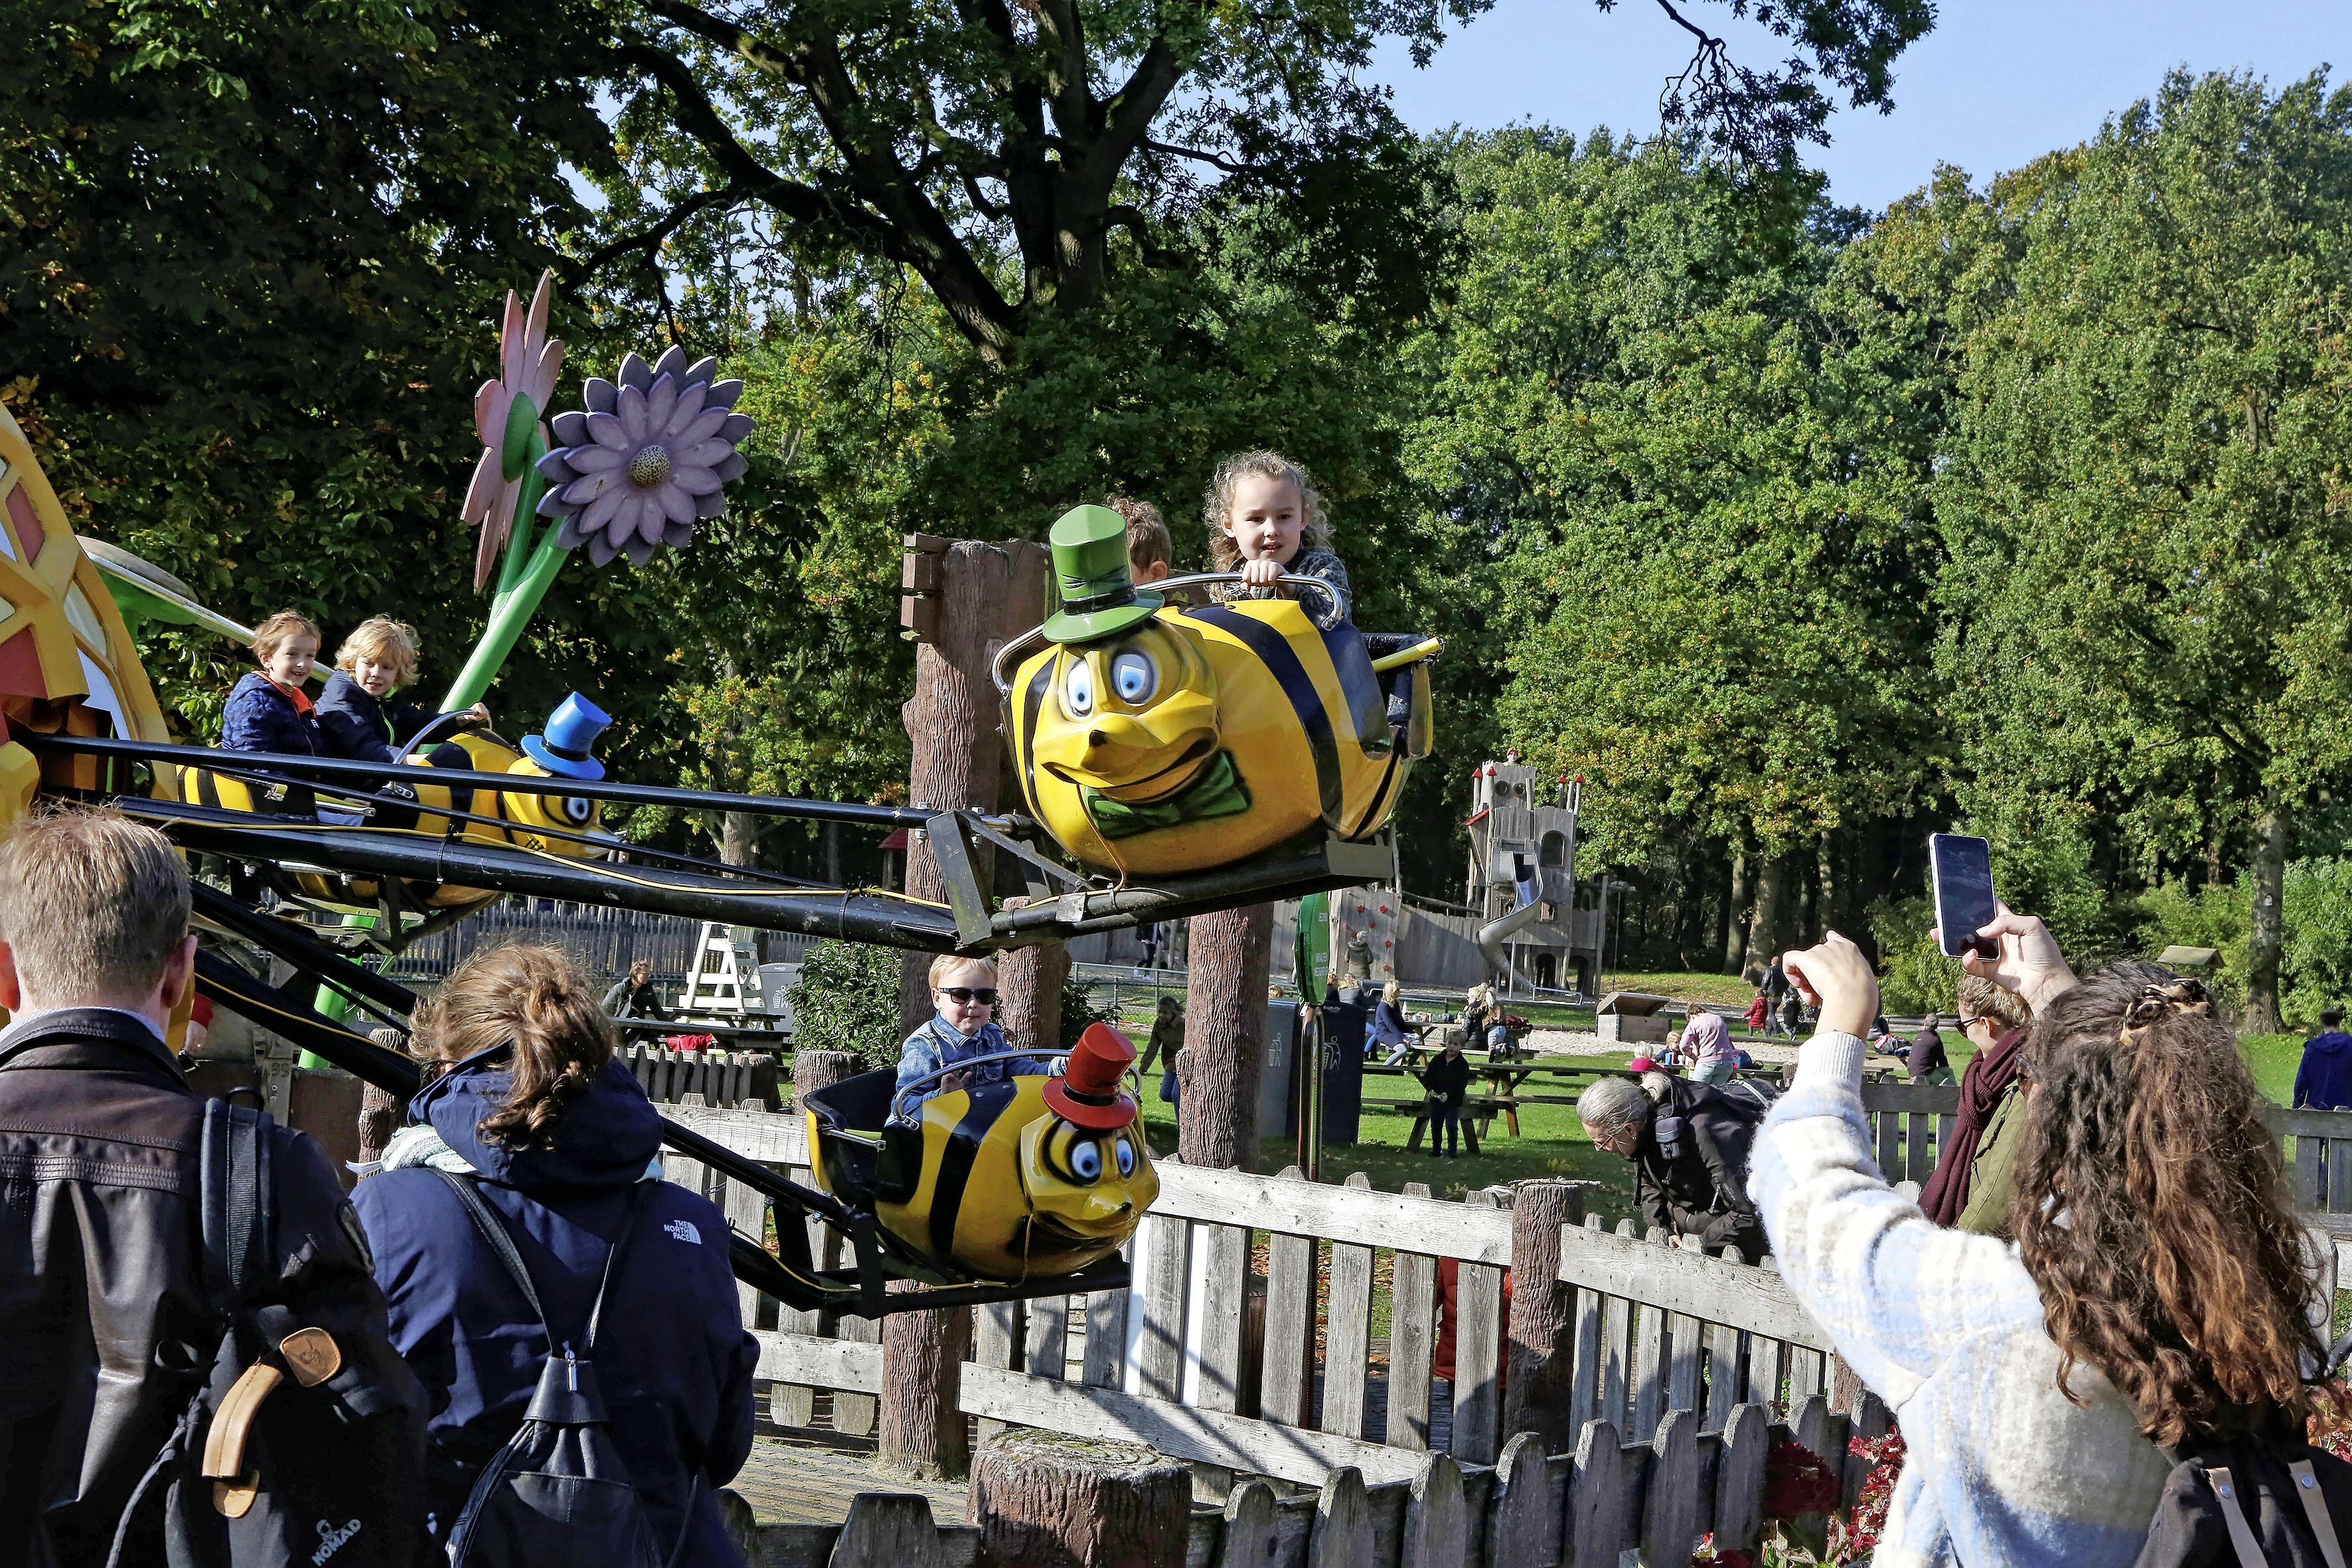 Speelpark Oud Valkeveen wil niet meewerken aan het verplicht testen van kinderen: 'Dan blijven we liever dicht'